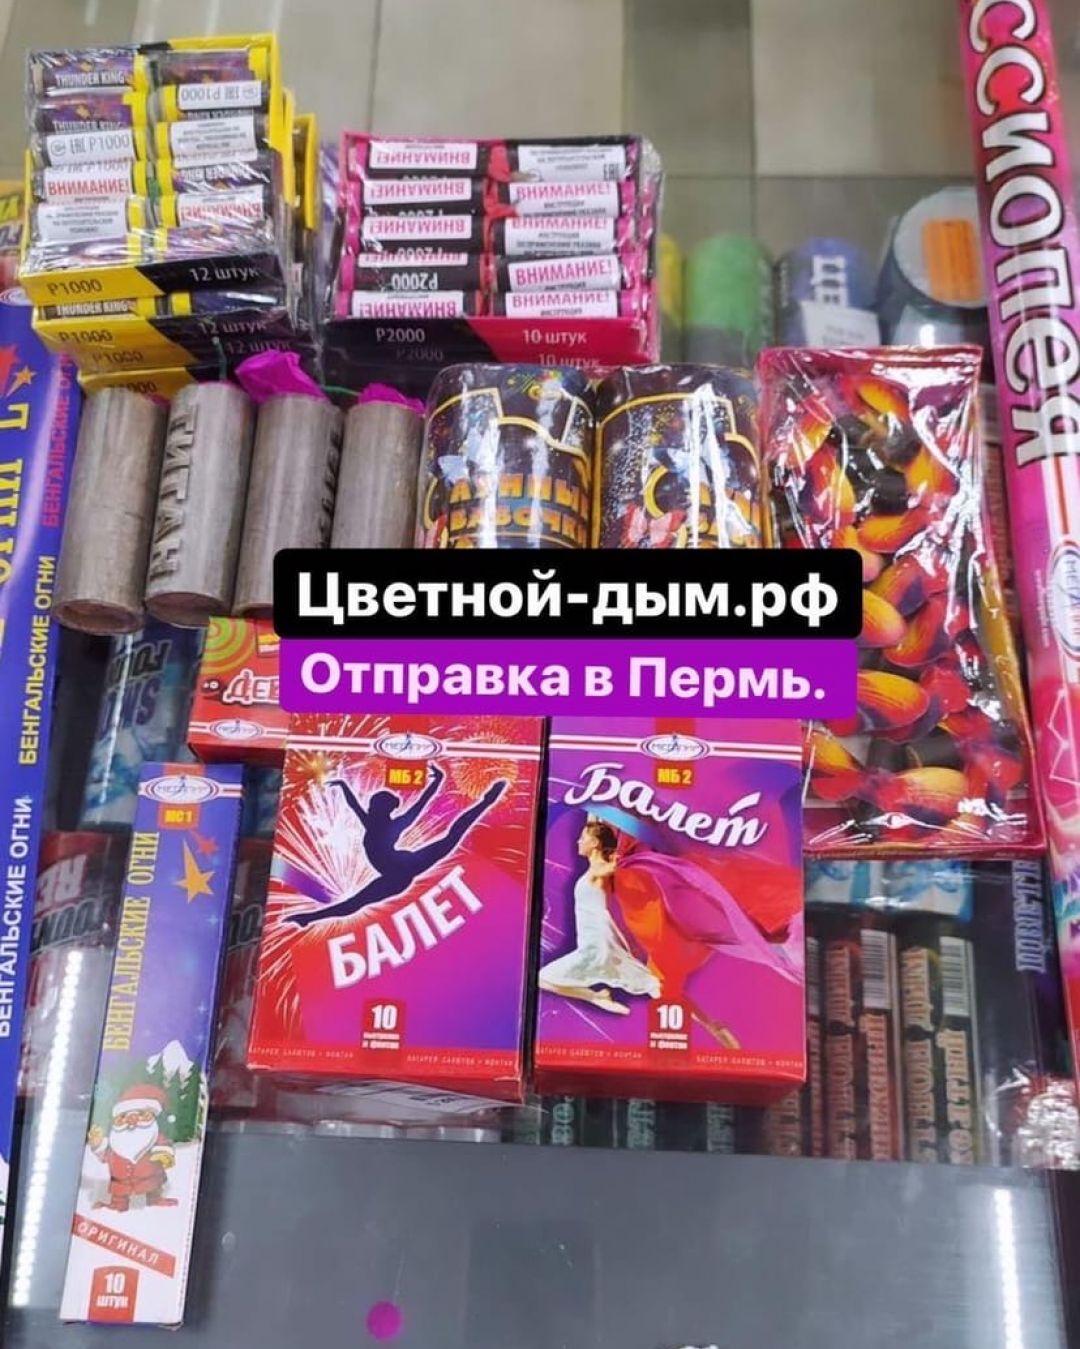 Отправка фейерверков в Пермь  - Цветной-дым.рф отзывы